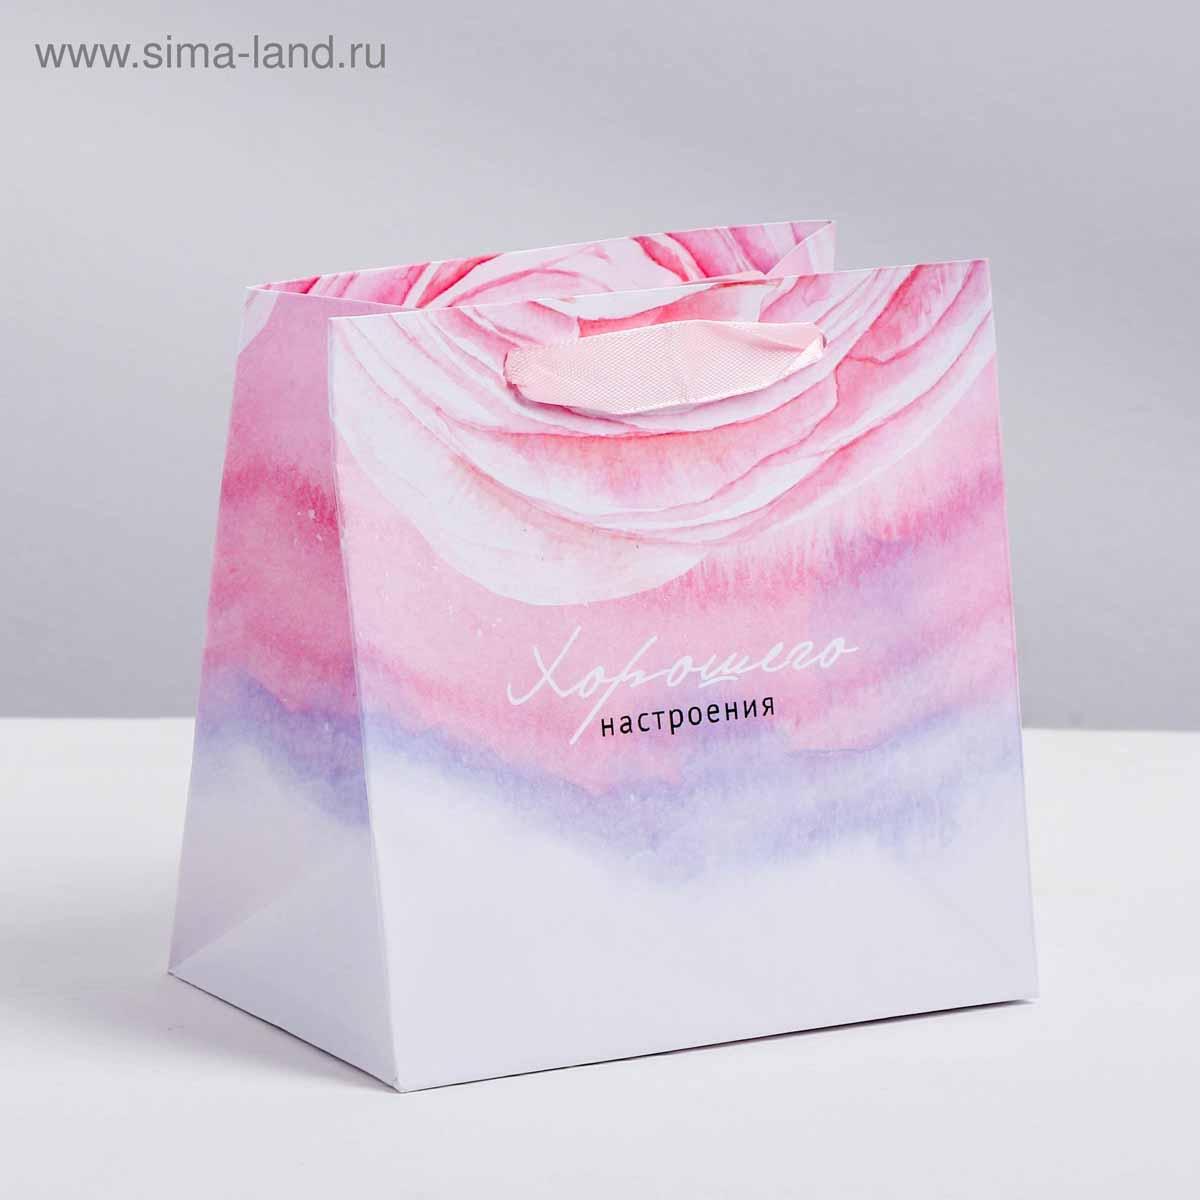 3680978 Пакет ламинированный квадратный «Цветочная нежность», 22*22*11 см